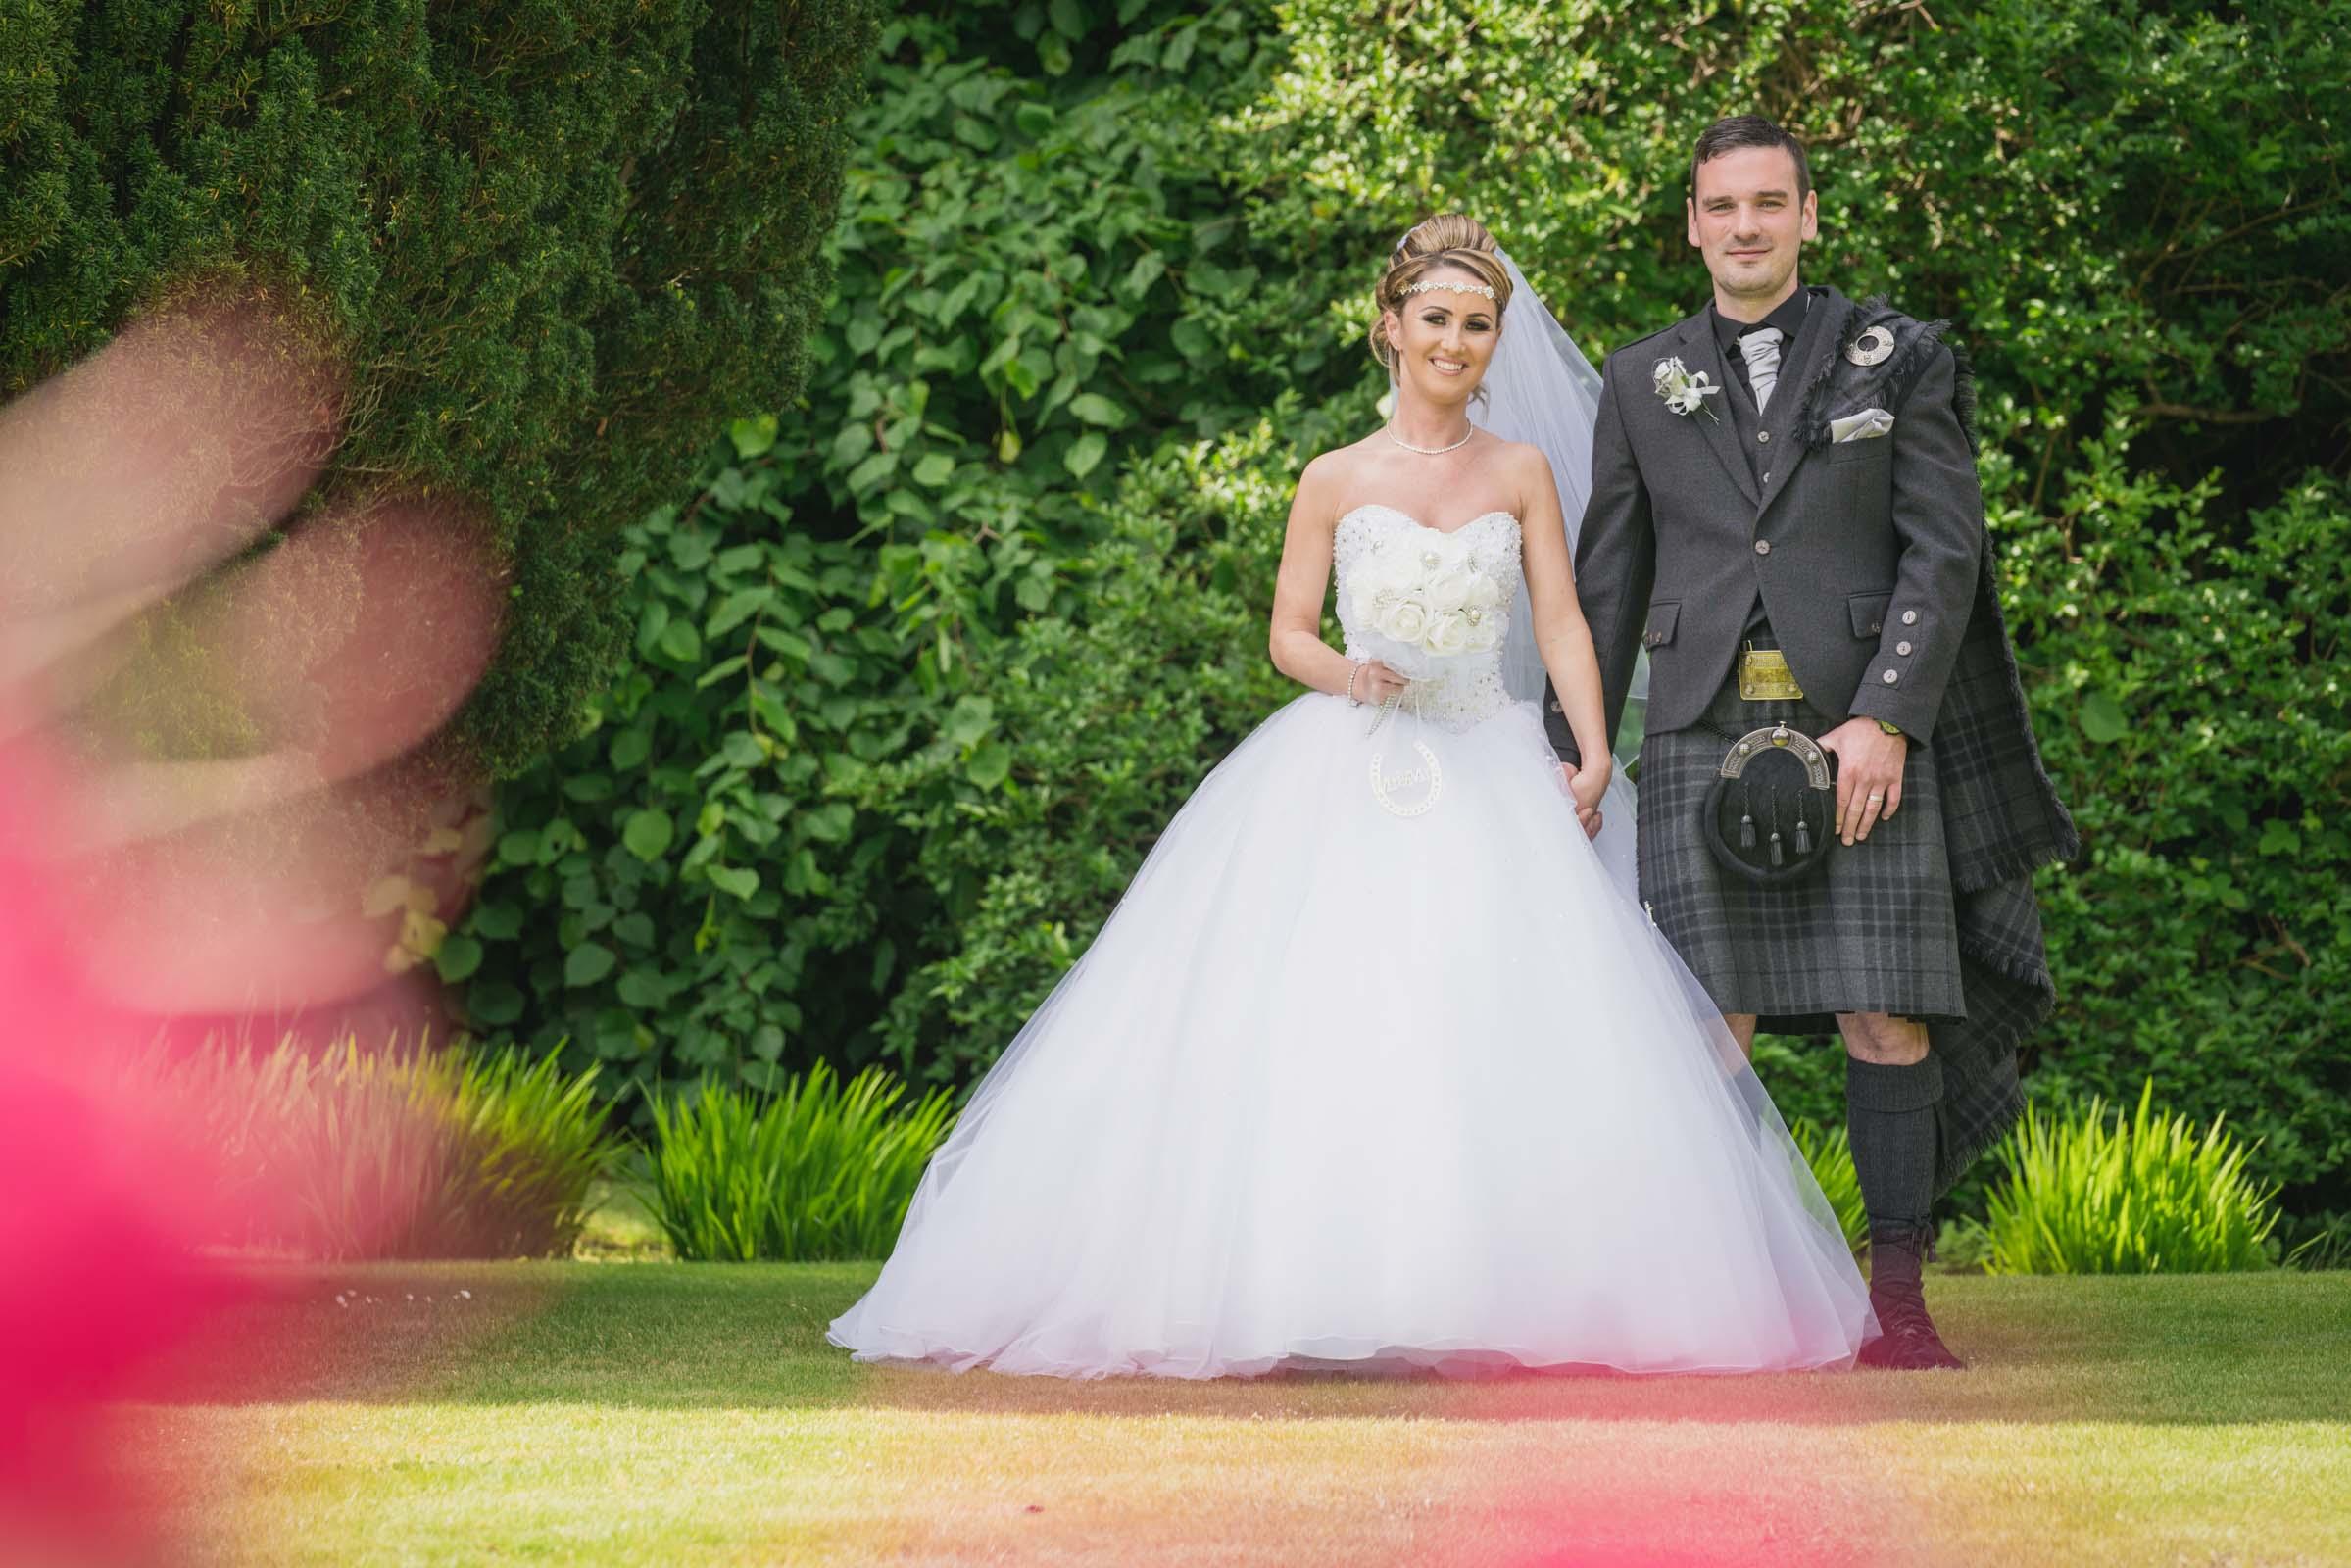 dalmeny-park-glasgow-wedding-dearlyphotography (8 of 16).jpg